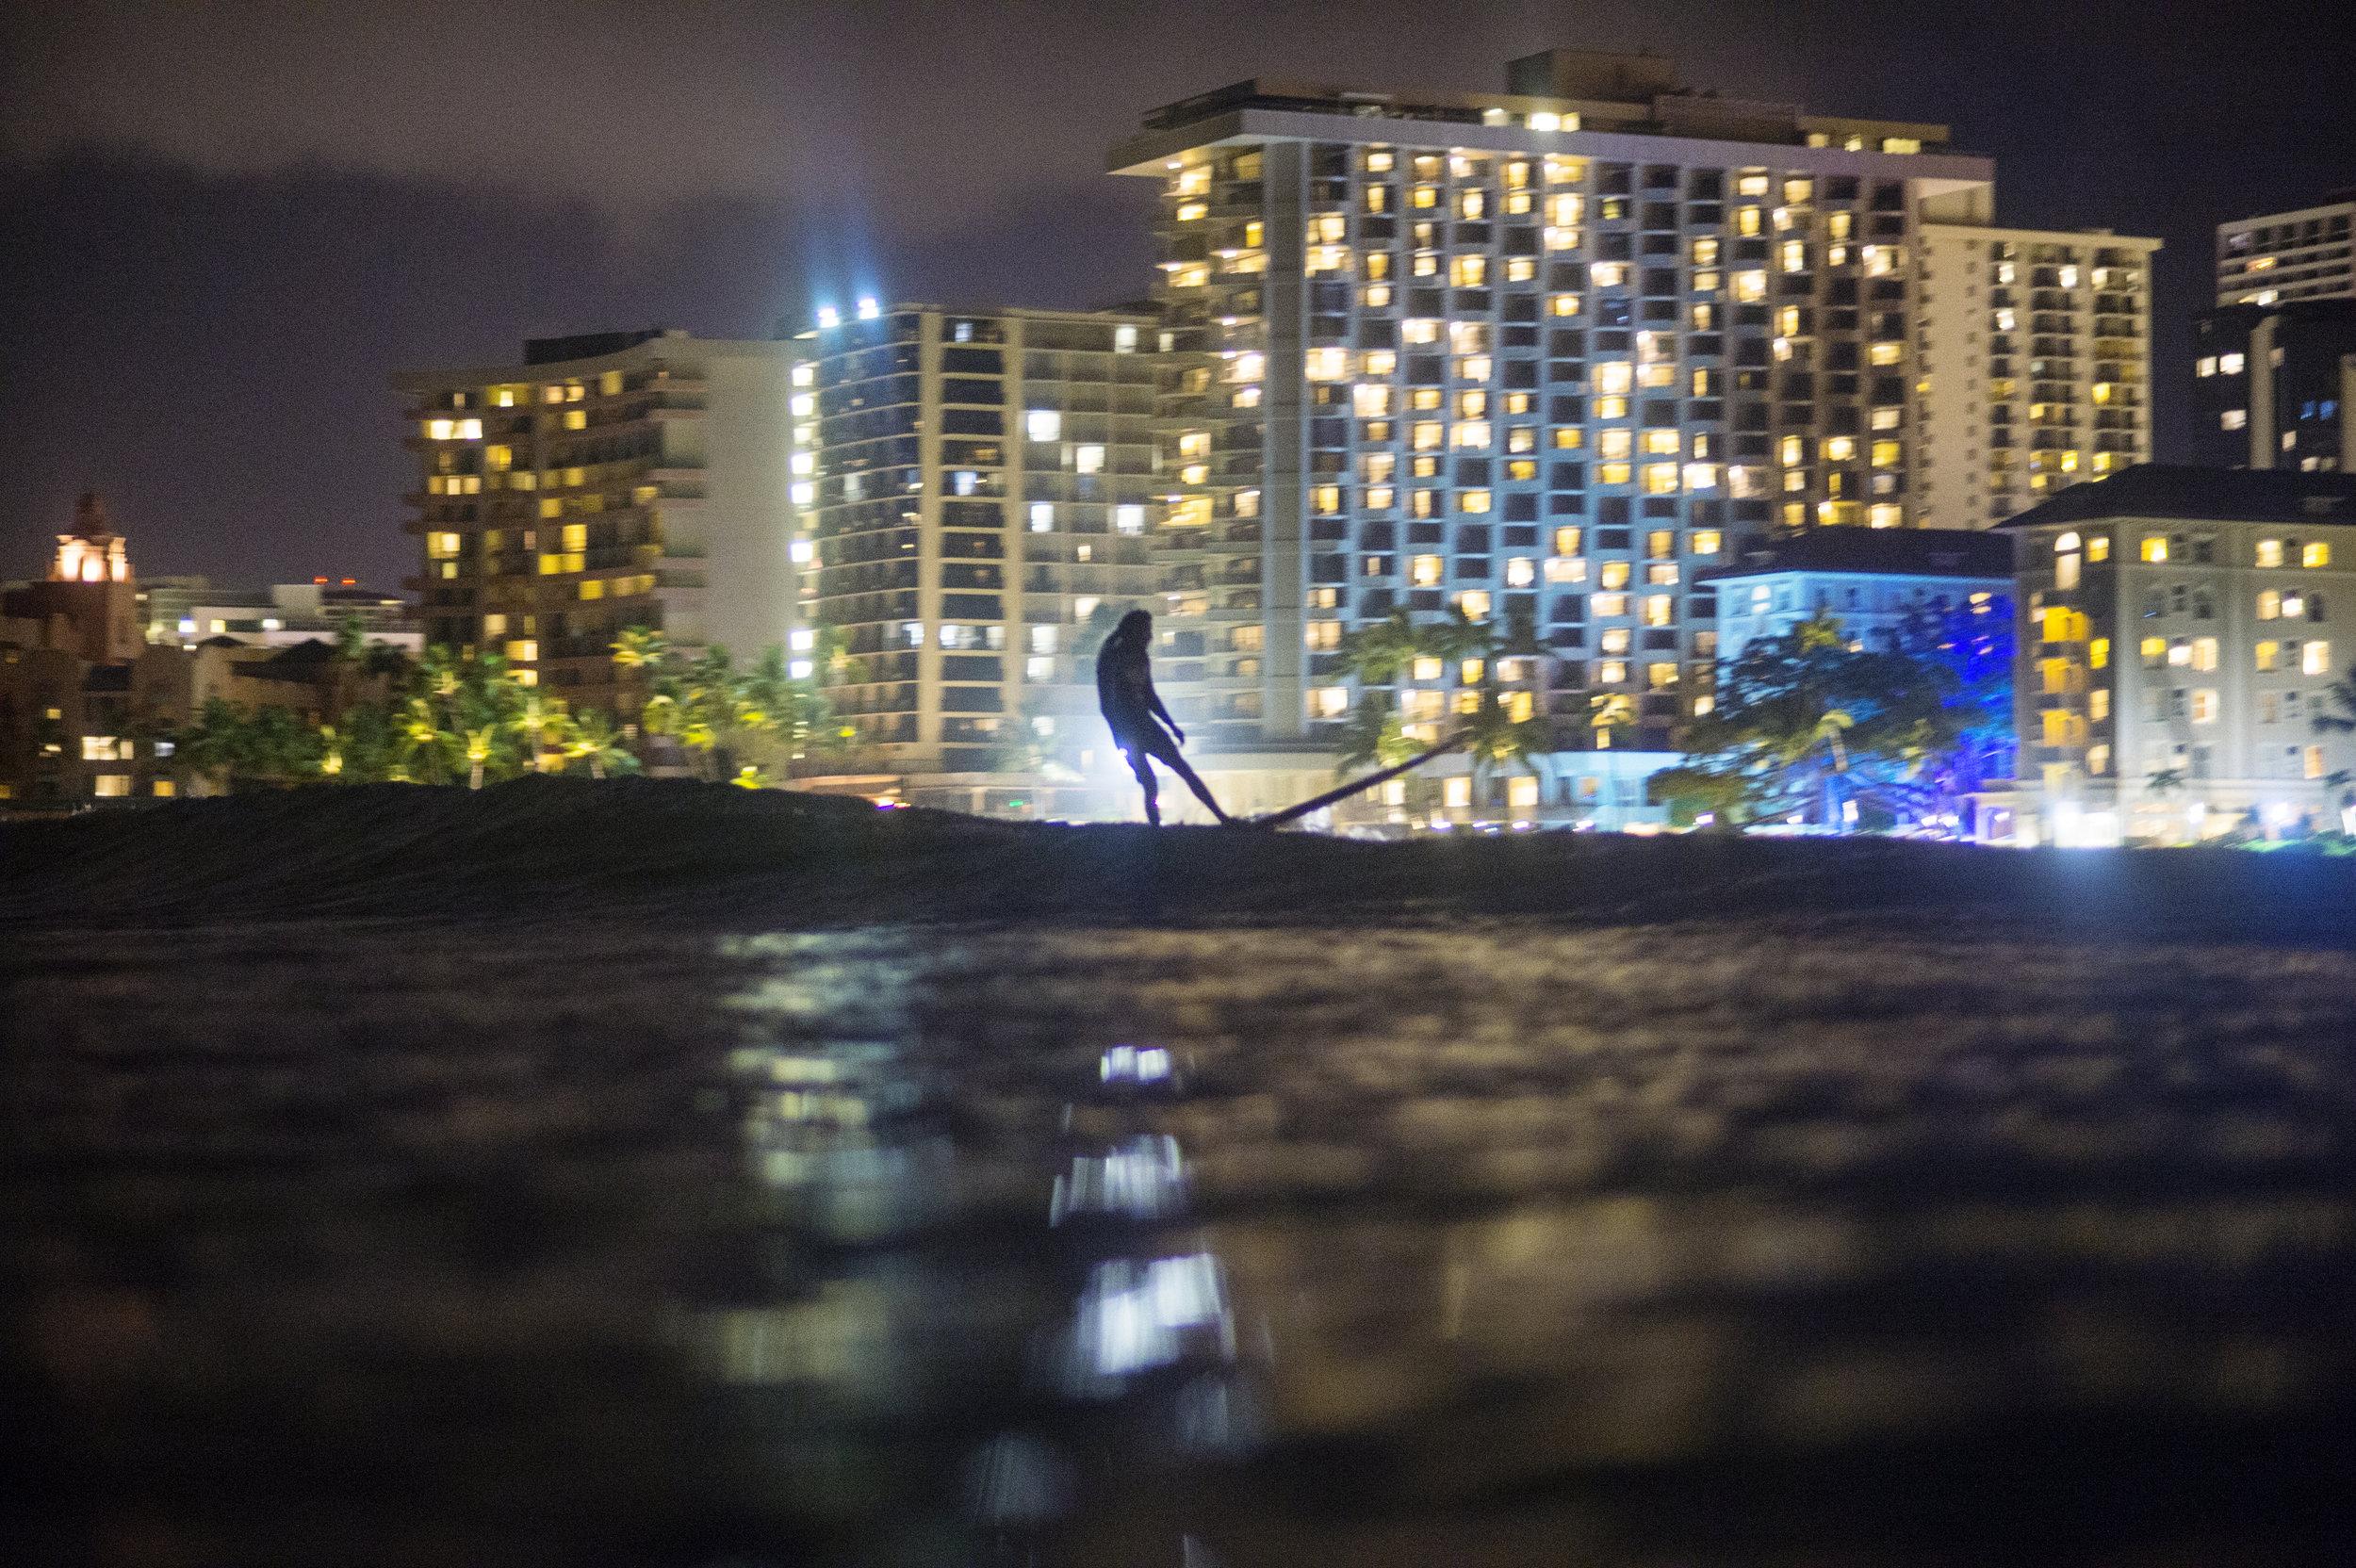 night_surfing_waikiki0015.jpg